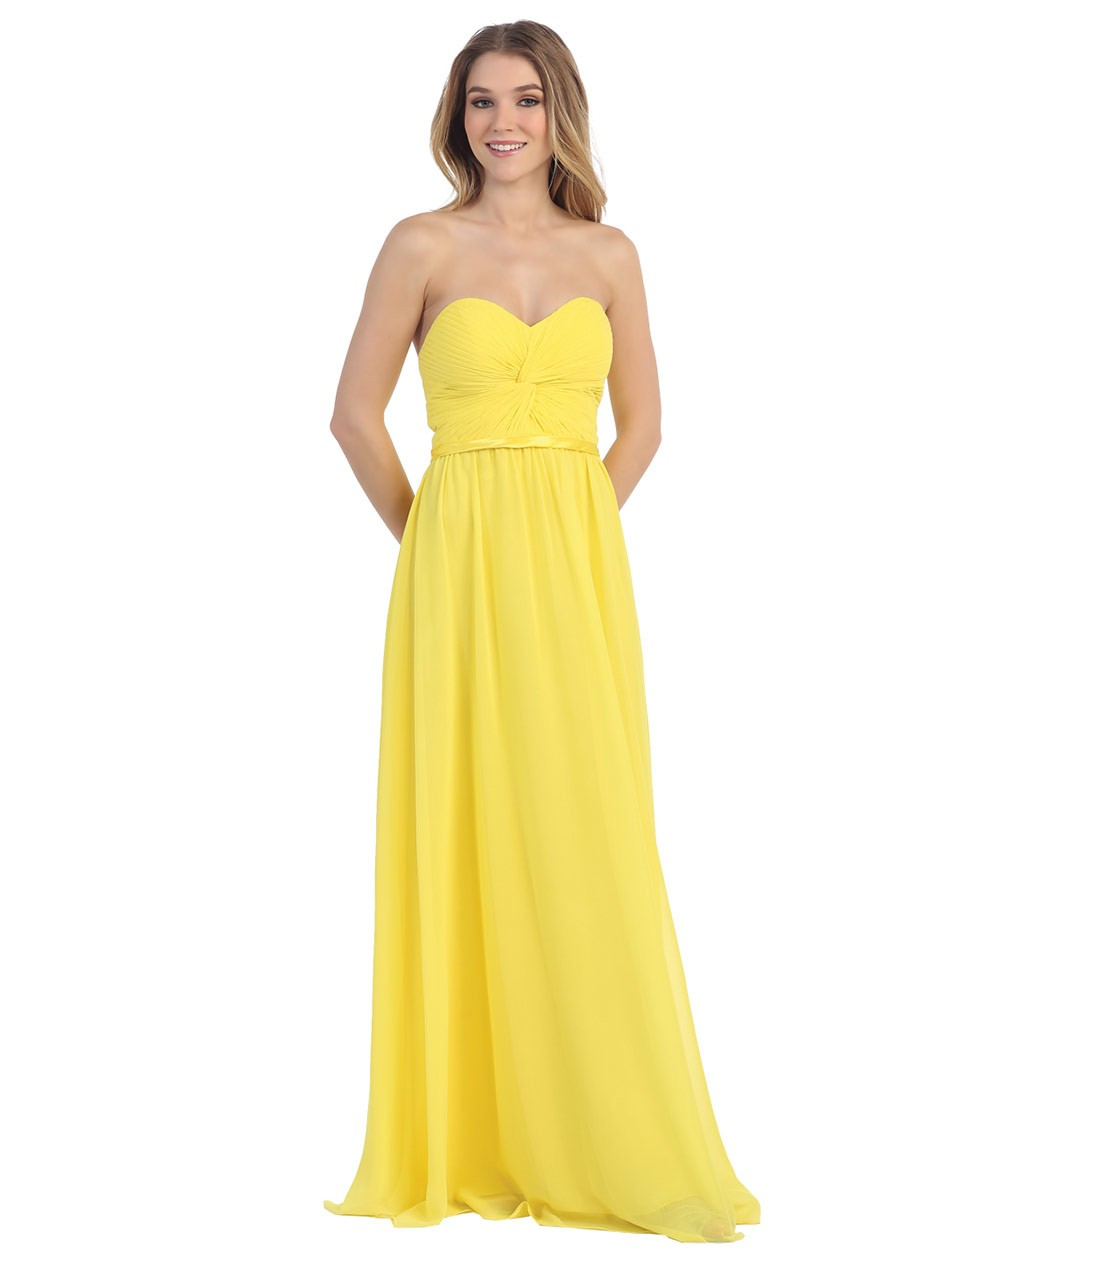 желтые платья на выпускной 2015 (2)